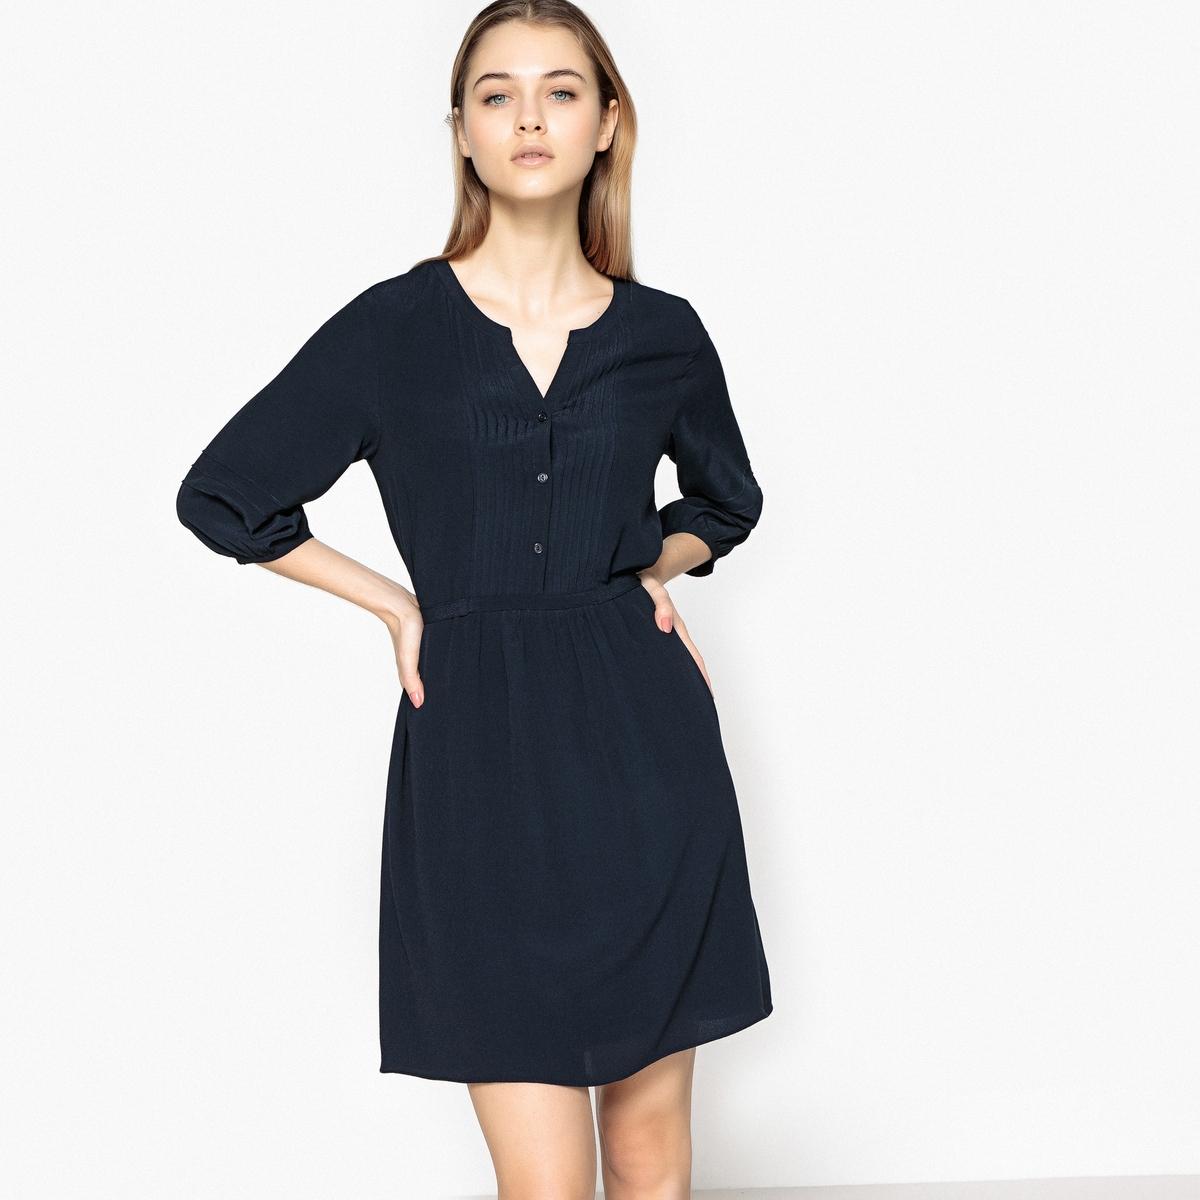 Платье с рукавами 3/4 RONCIERОписание:Детали •  Форма : прямая •  Укороченная модель •  Длинные рукава    •   V-образный вырезСостав и уход •  100% вискоза •  Следуйте советам по уходу, указанным на этикетке<br><br>Цвет: синий морской<br>Размер: S